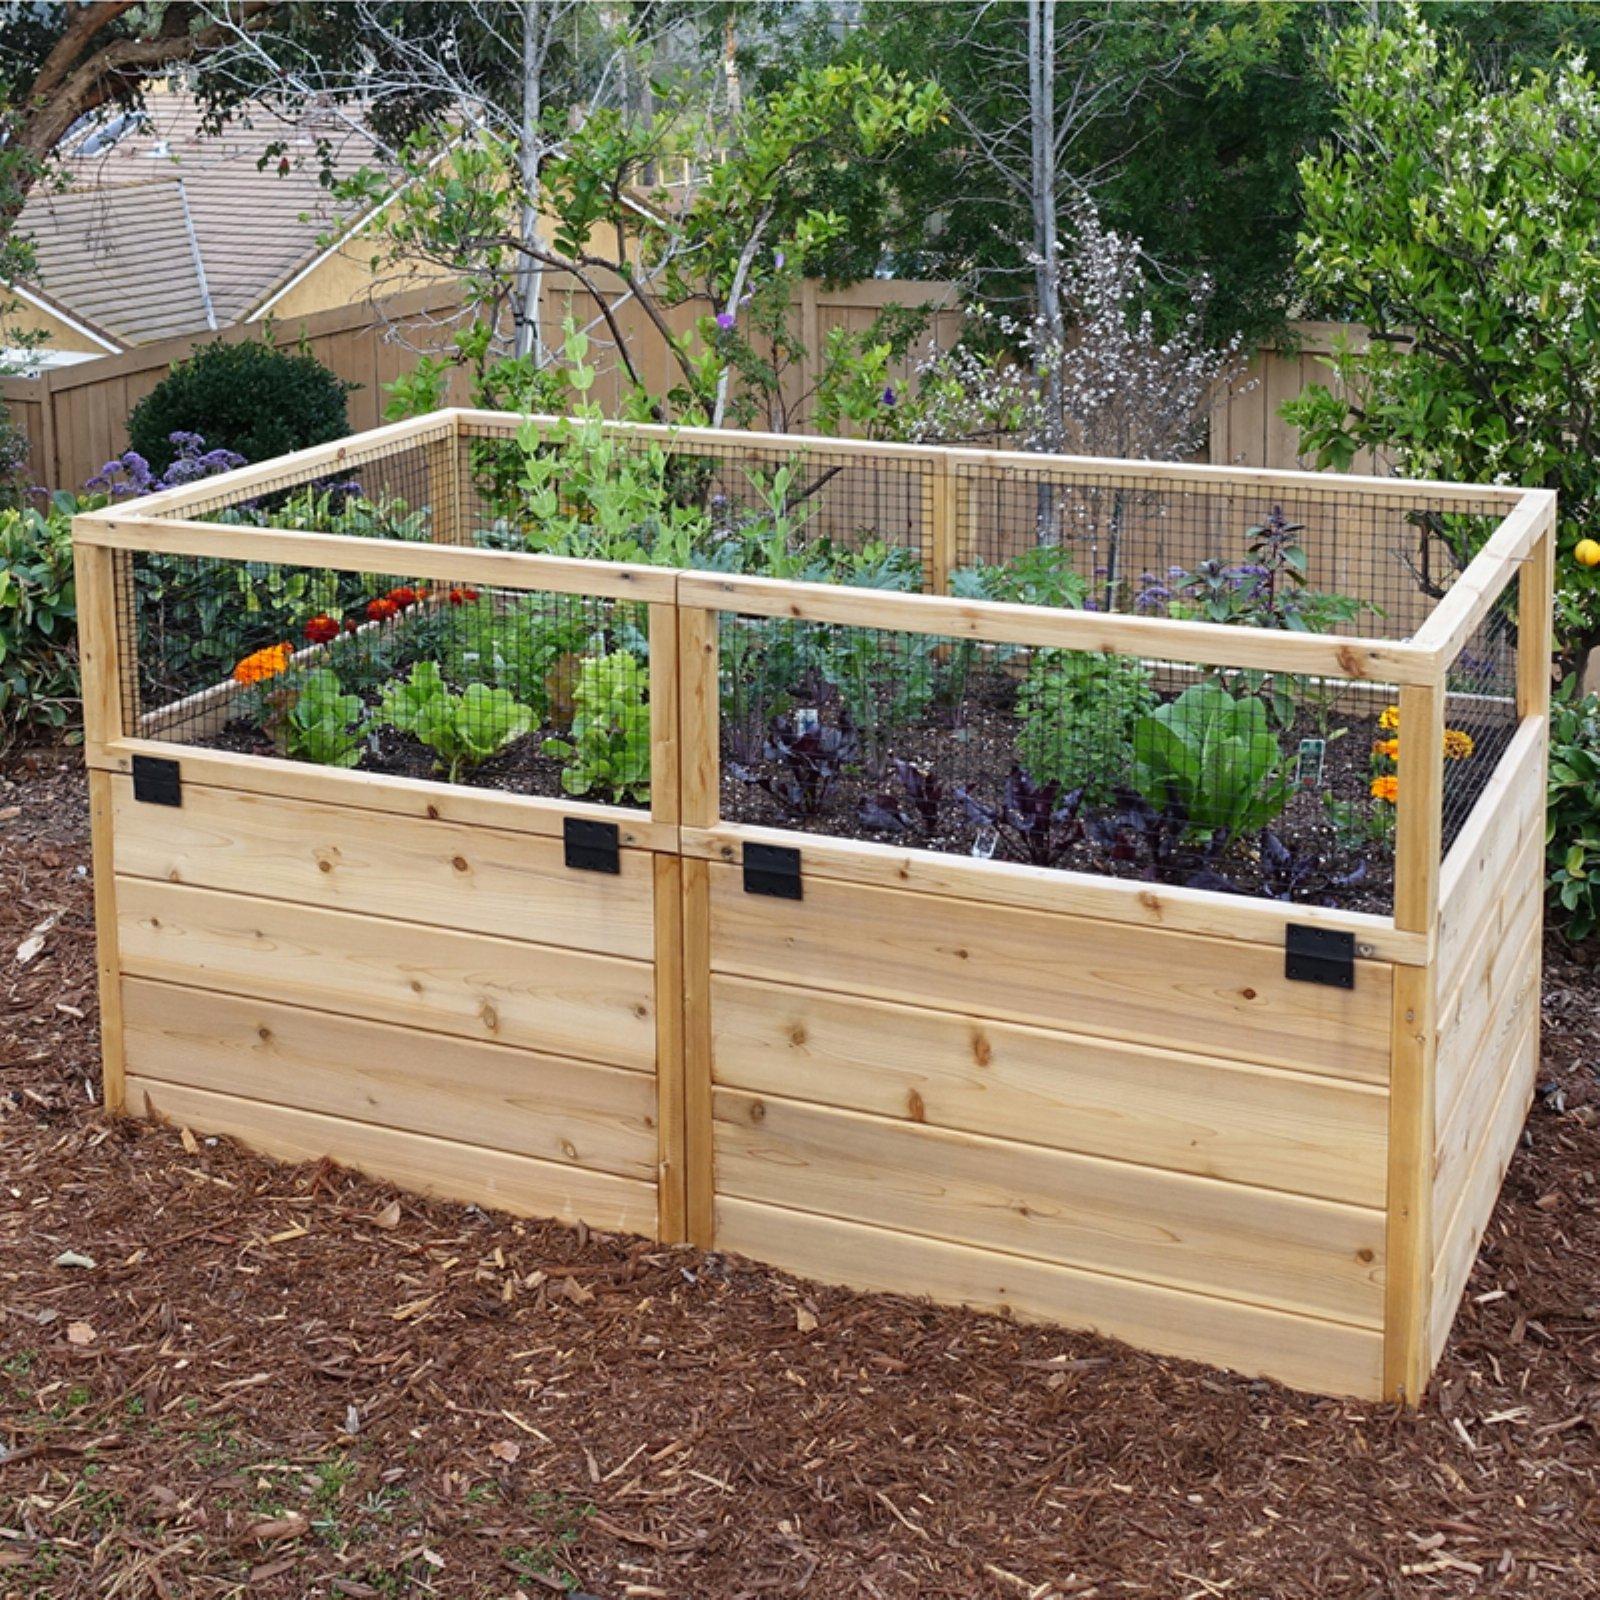 Outdoor Living Today Raised Cedar Garden Bed - 6 x 3 ft.